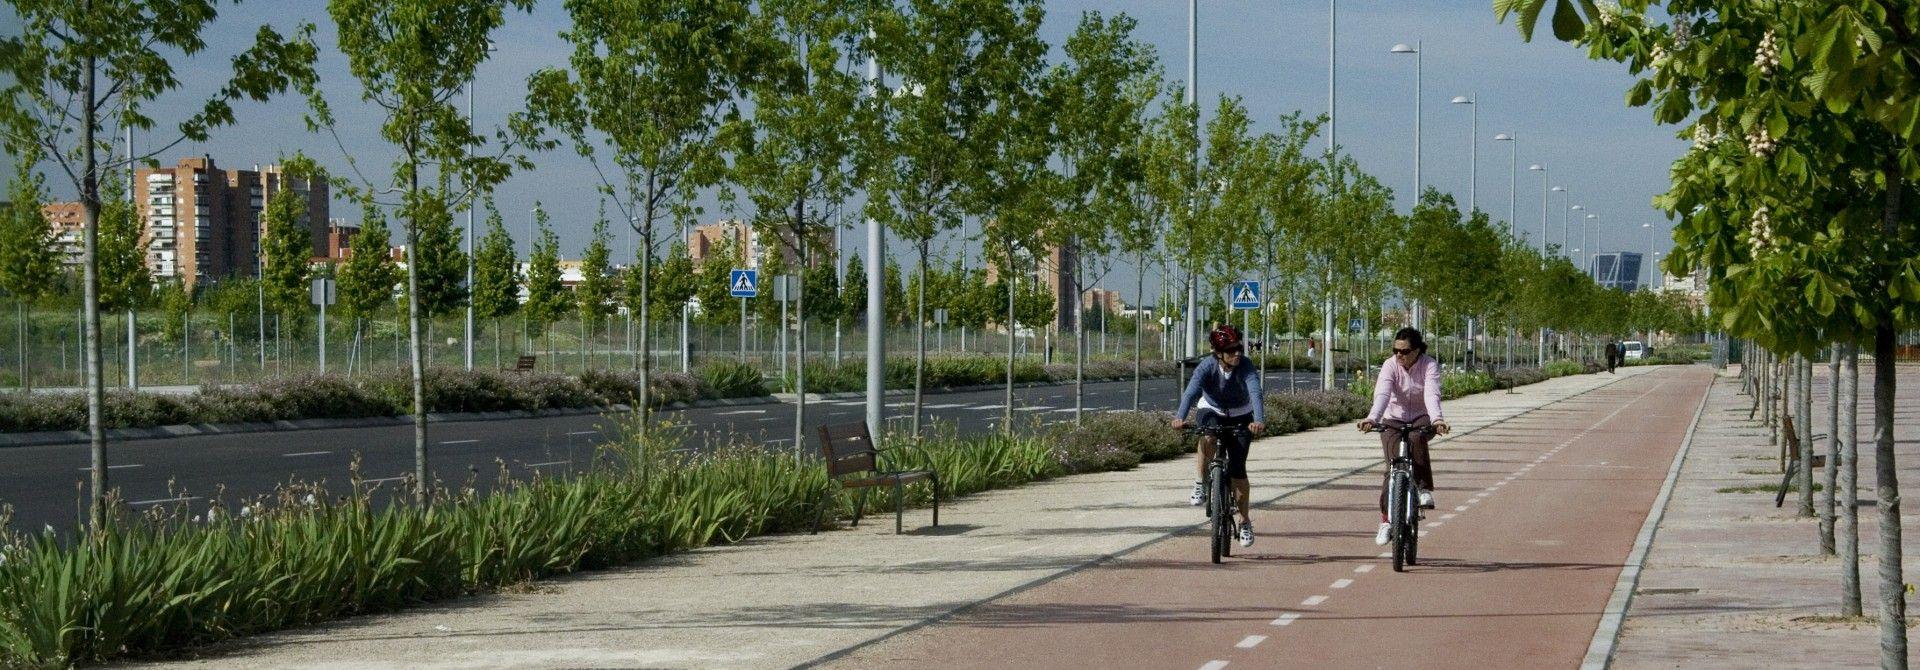 Las zonas verdes de Valdebebas<br/> protagonistas del deporte en Madrid